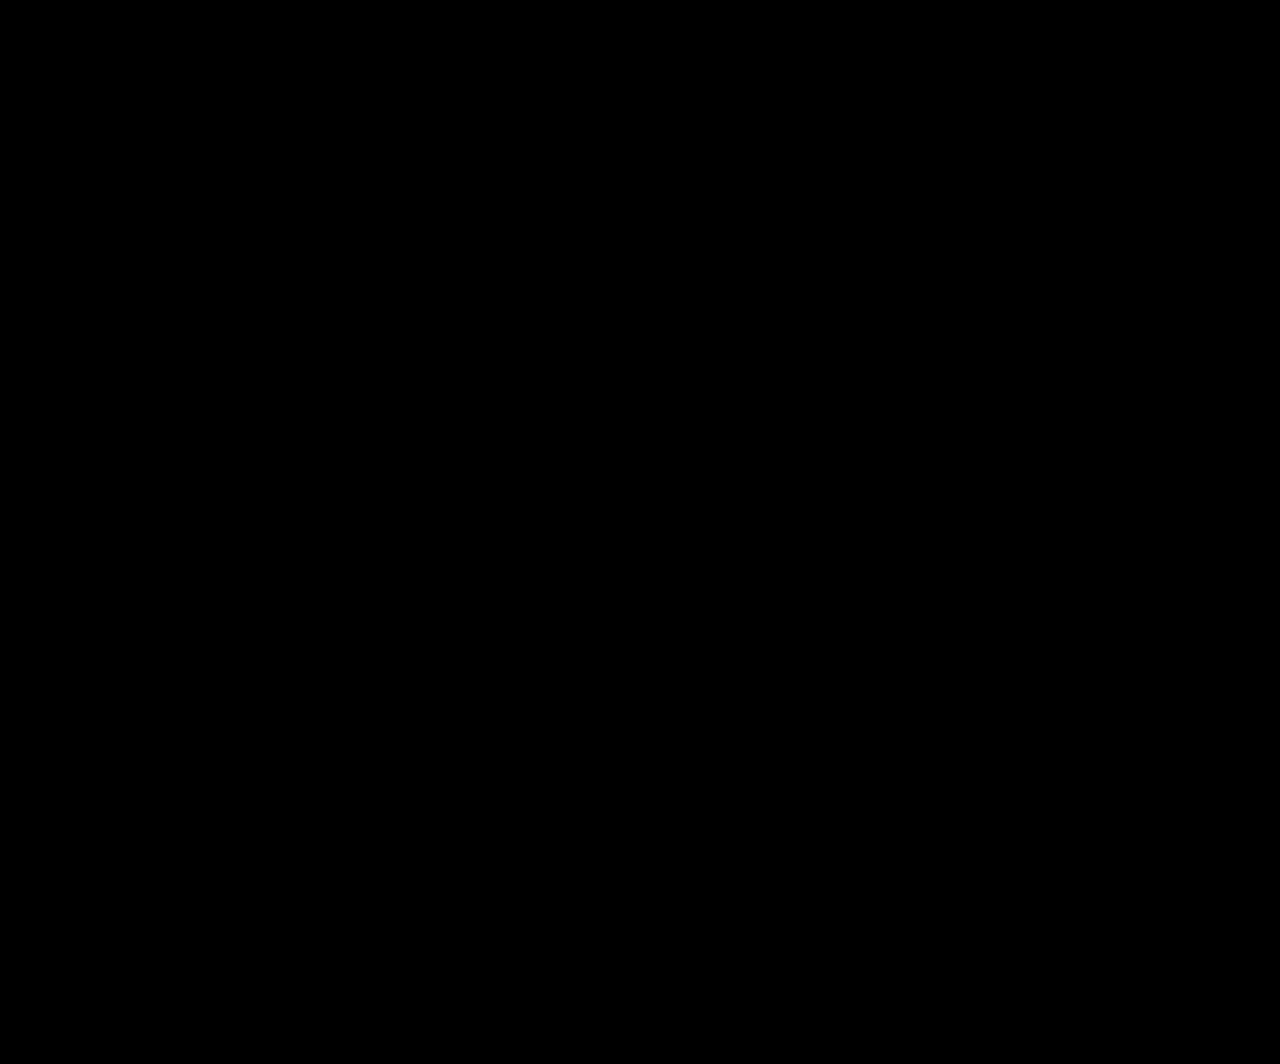 gehoorschade-2